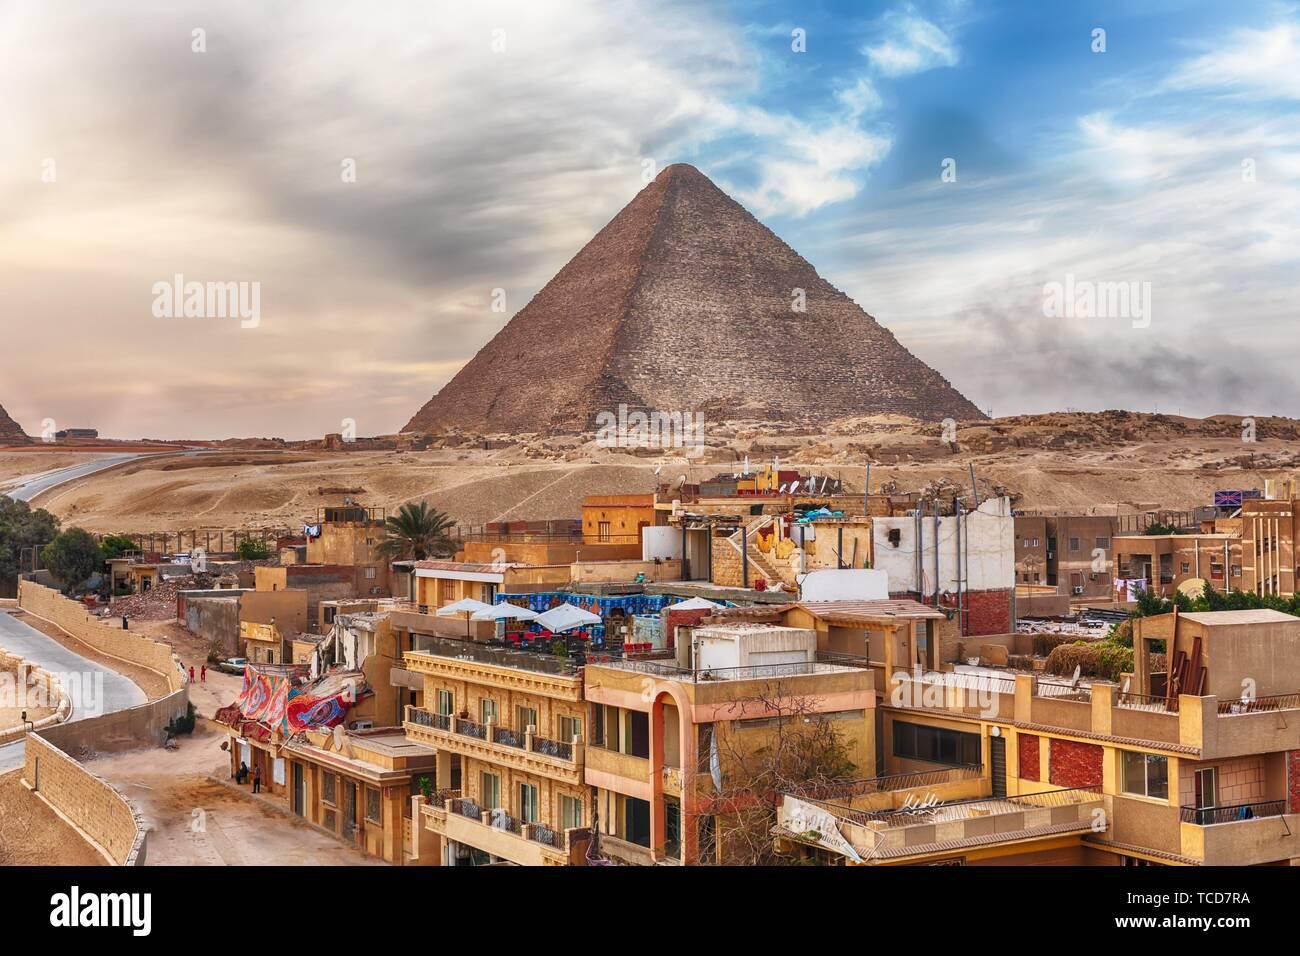 La pyramide de Khéops et à proximité de la ville de Gizeh, Le Caire, Égypte. Banque D'Images